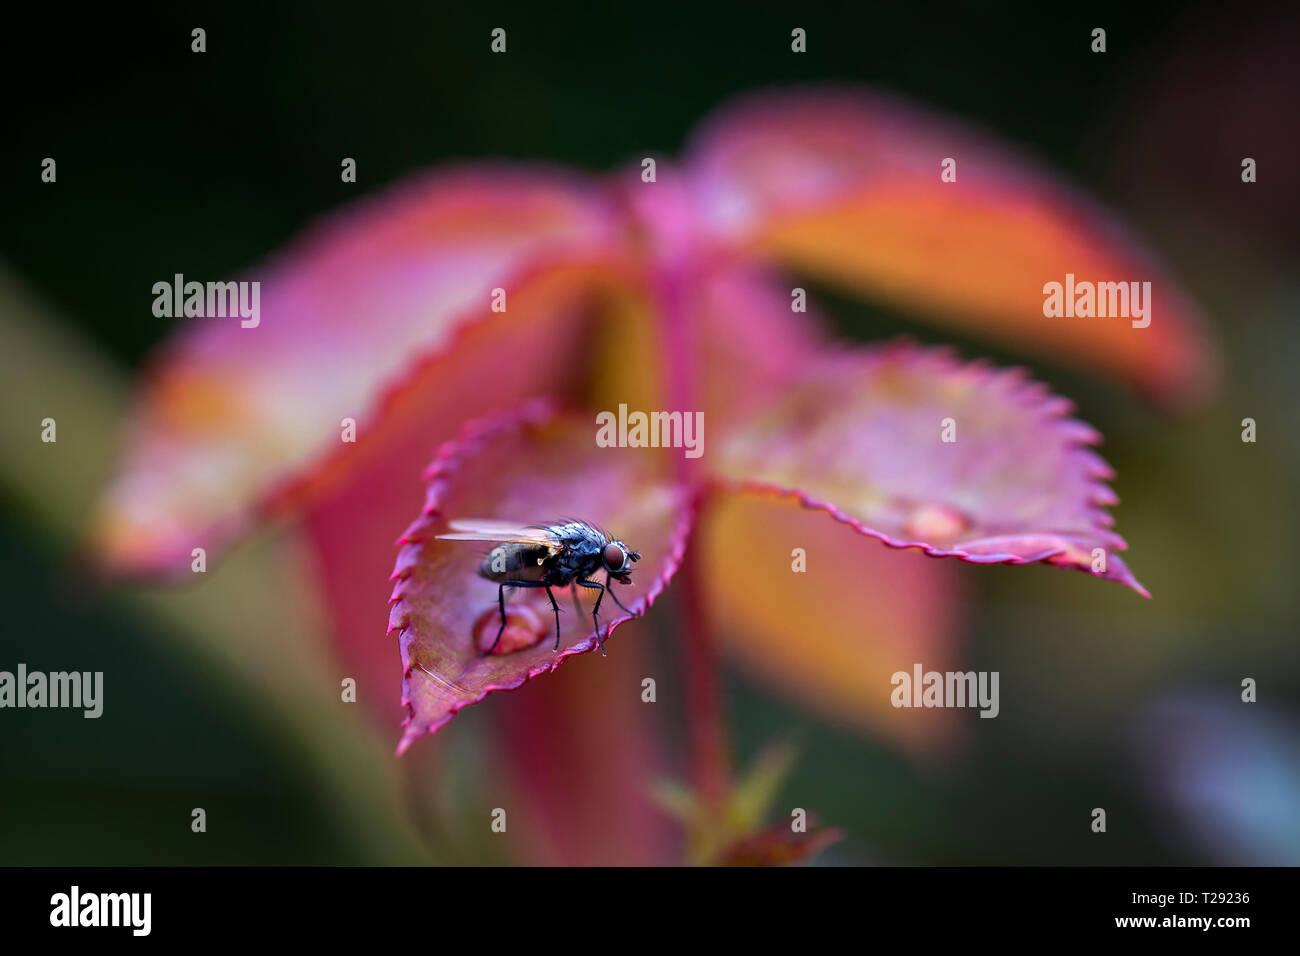 Fly sitting on autumn foliage - Stock Image